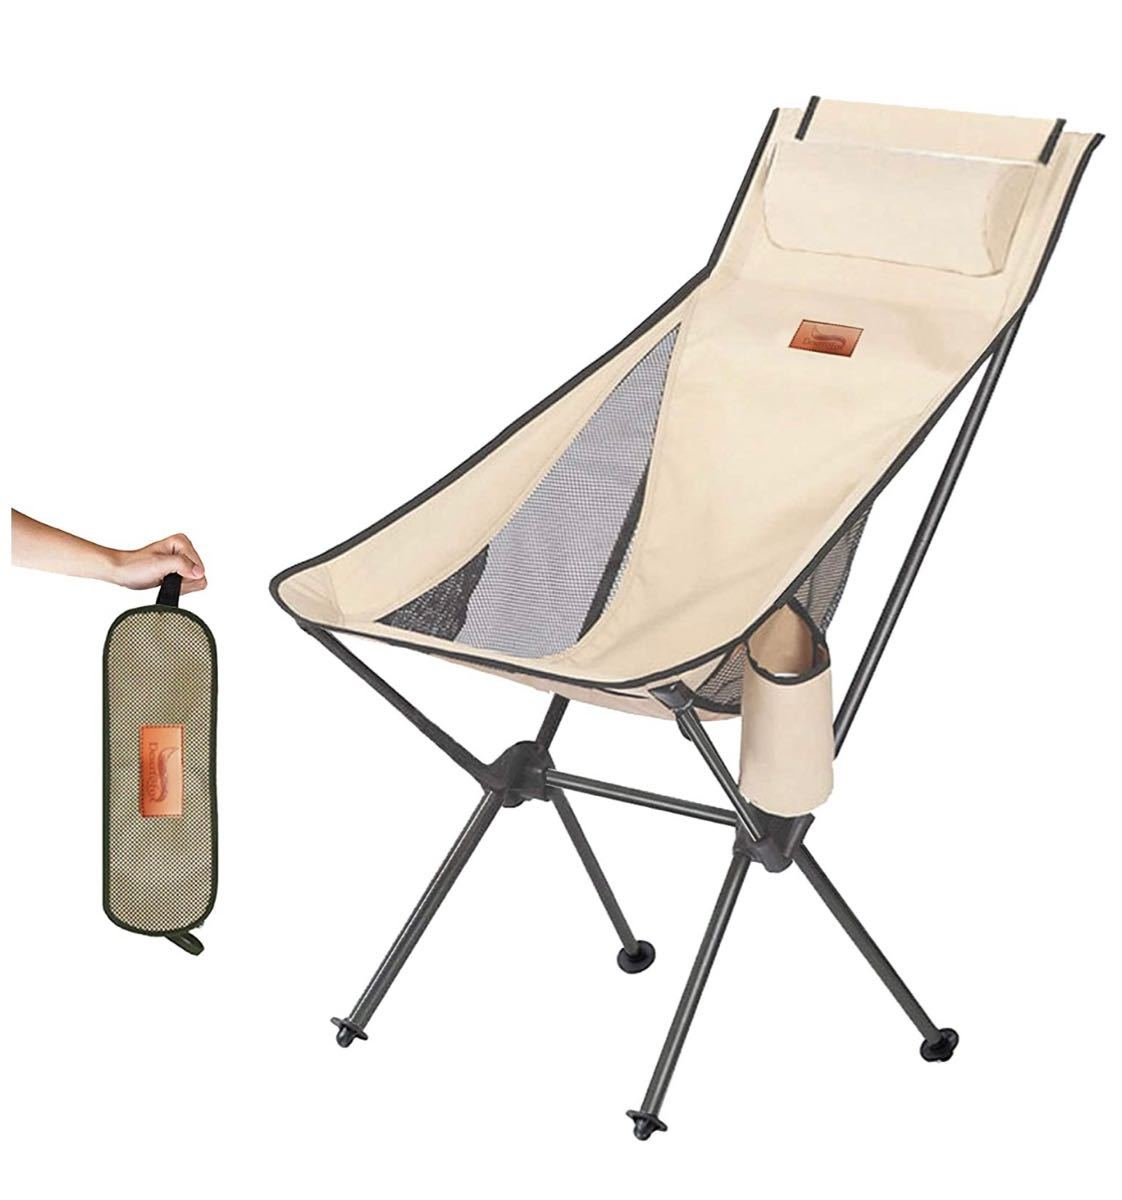 アウトドアチェア 折りたたみ 枕付き 超軽量【ハイバック】【耐荷重150kg】